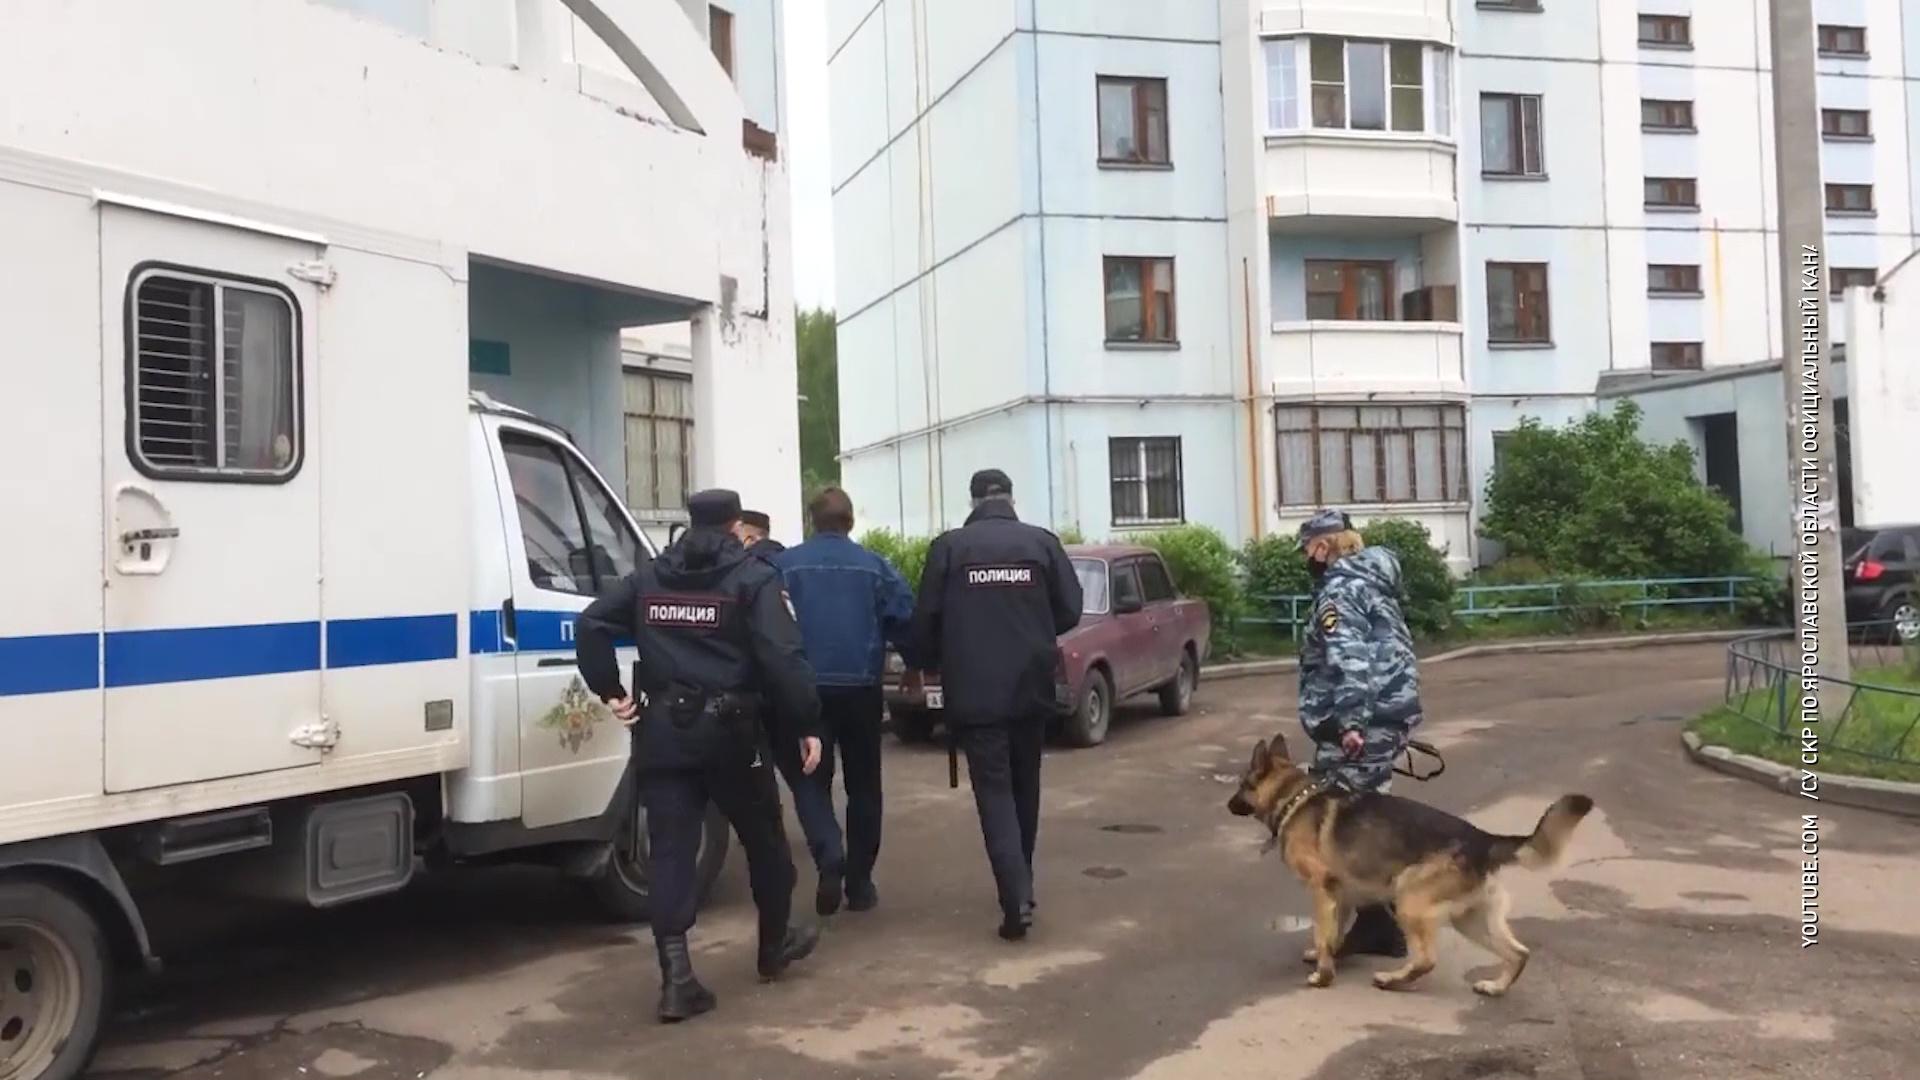 Ярославца будут судить за жестокое убийство сожительницы